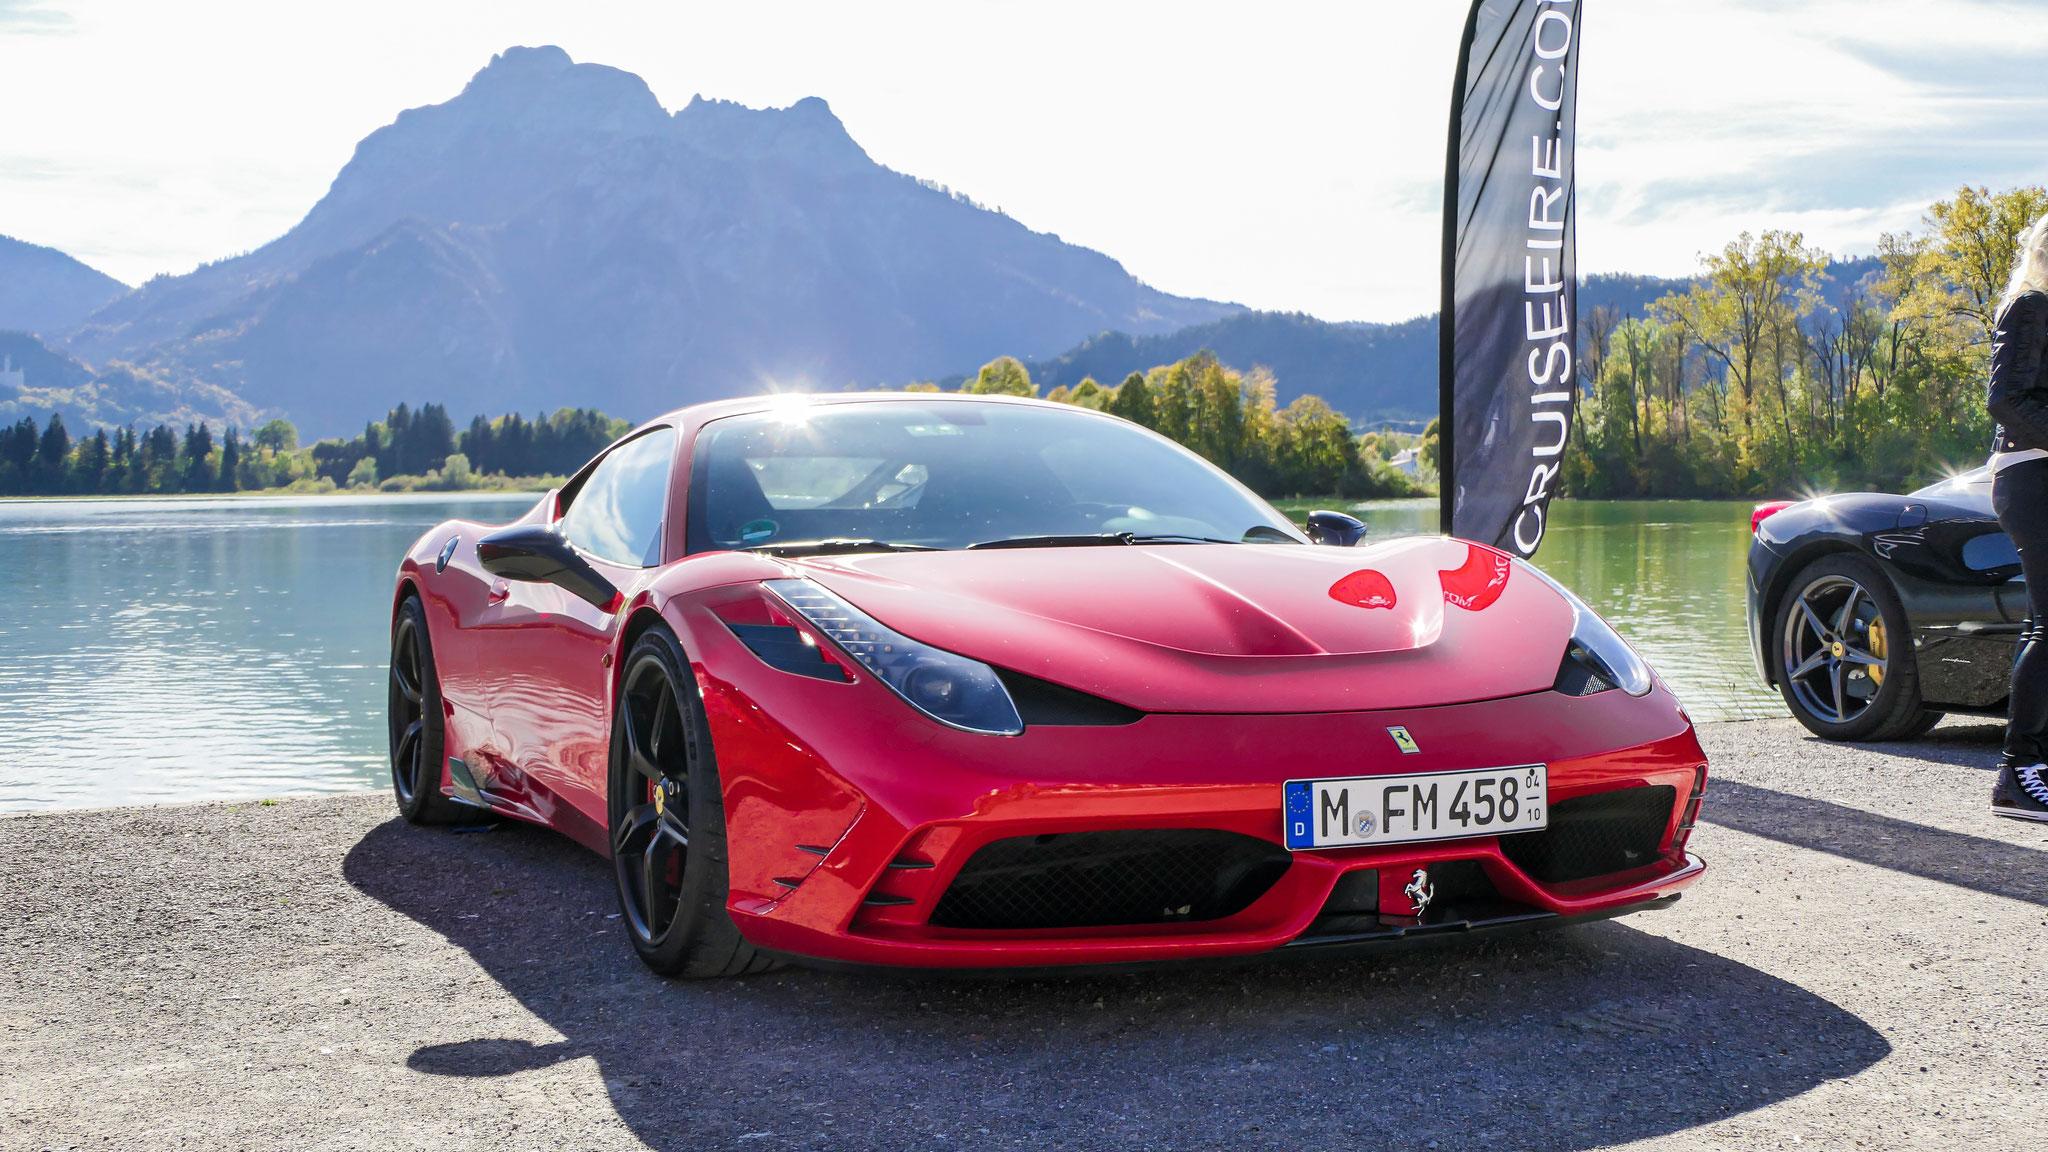 Ferrari 458 Speciale - M-FM-458